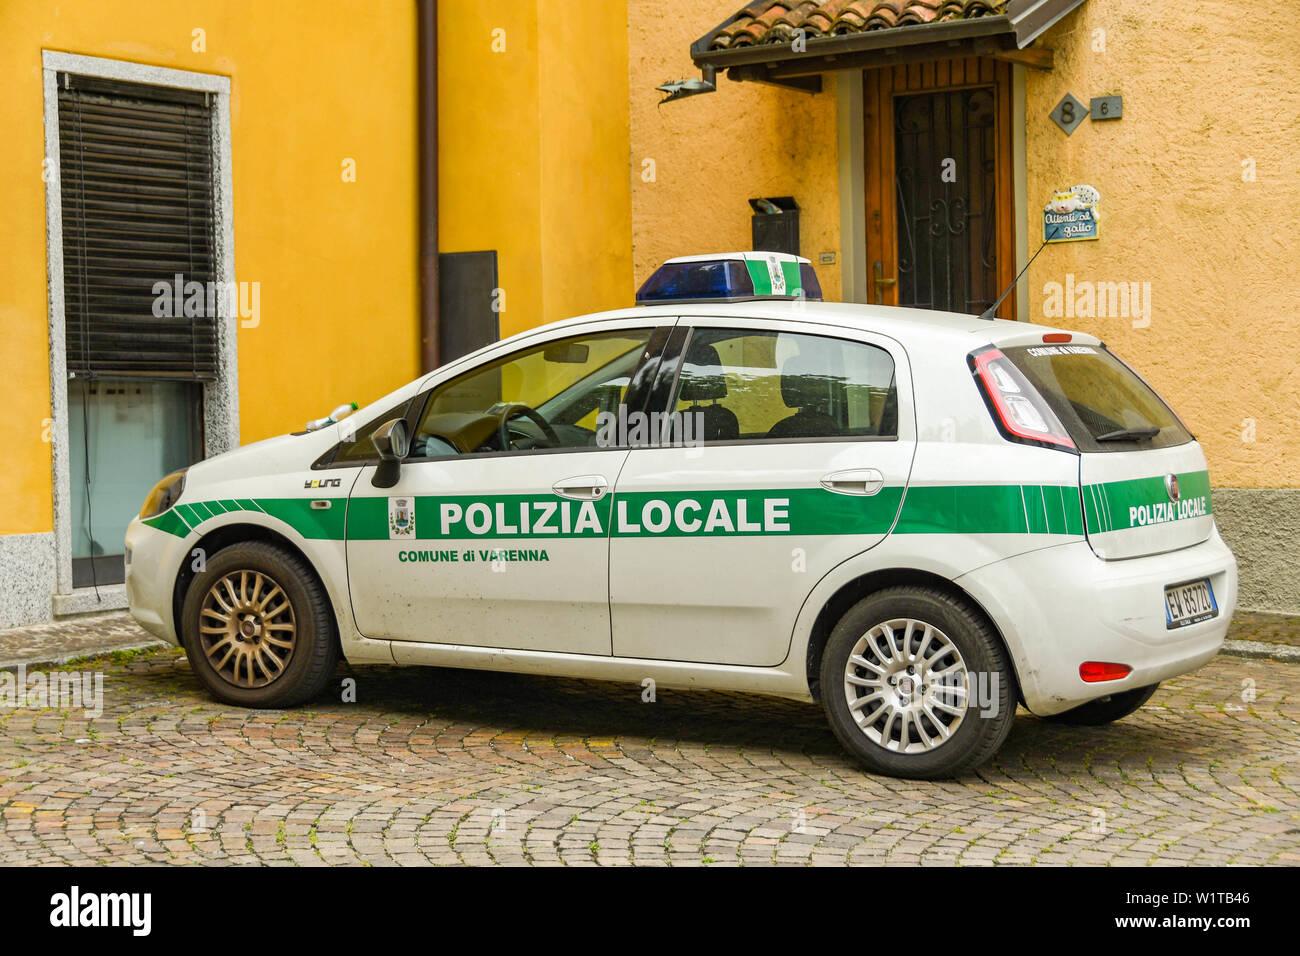 VARENNA, Comer See, Italien - JUNI 2019: Streifenwagen der Polizei in einer Straße in Varenna, Italien geparkt. Stockfoto